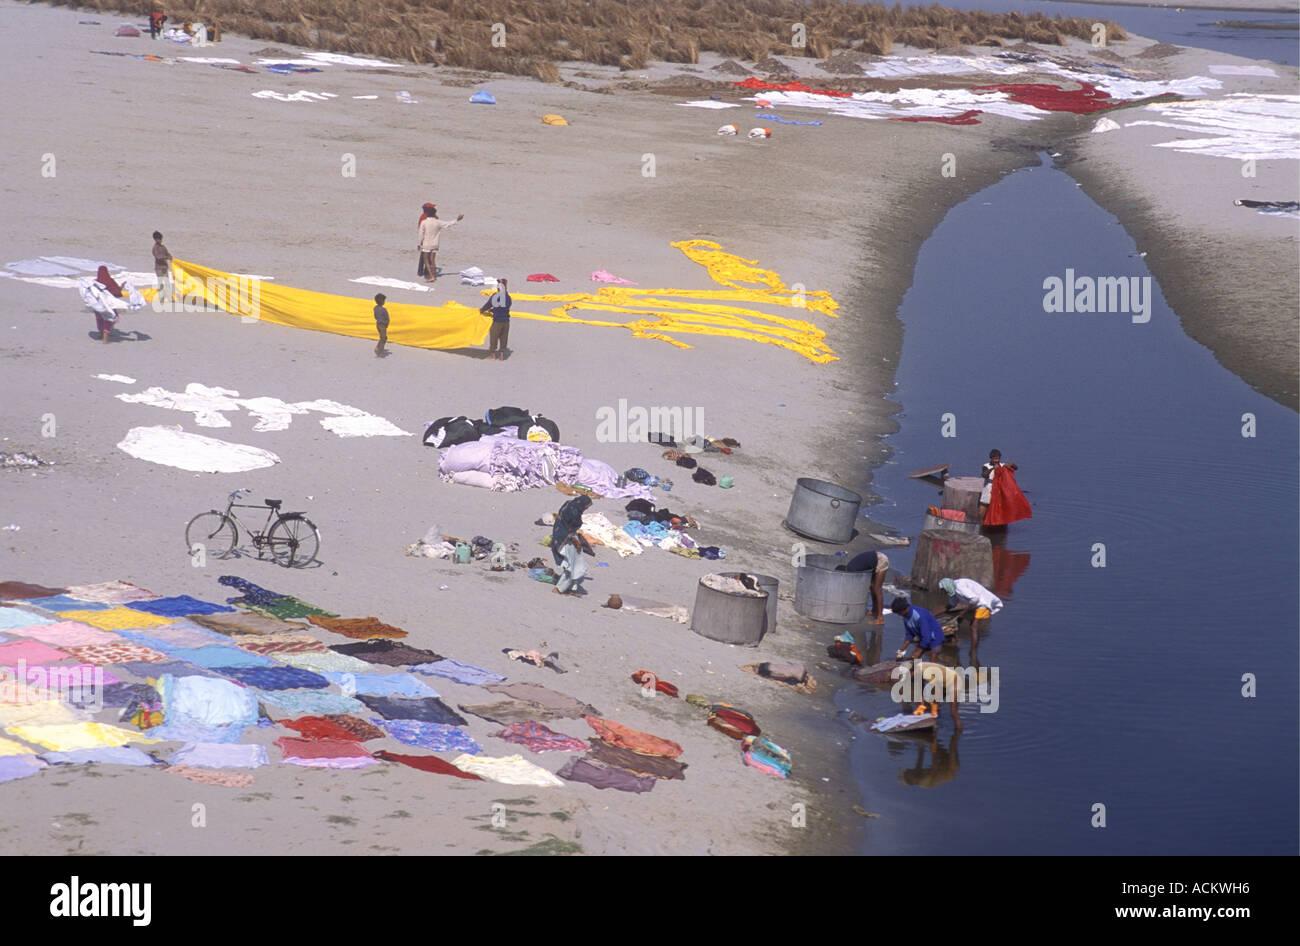 Servicio de lavandería se propagó a secar en el sol caliente sobre los bancos de arena del río Yamuna Agra en Uttar Pradesh, India Imagen De Stock